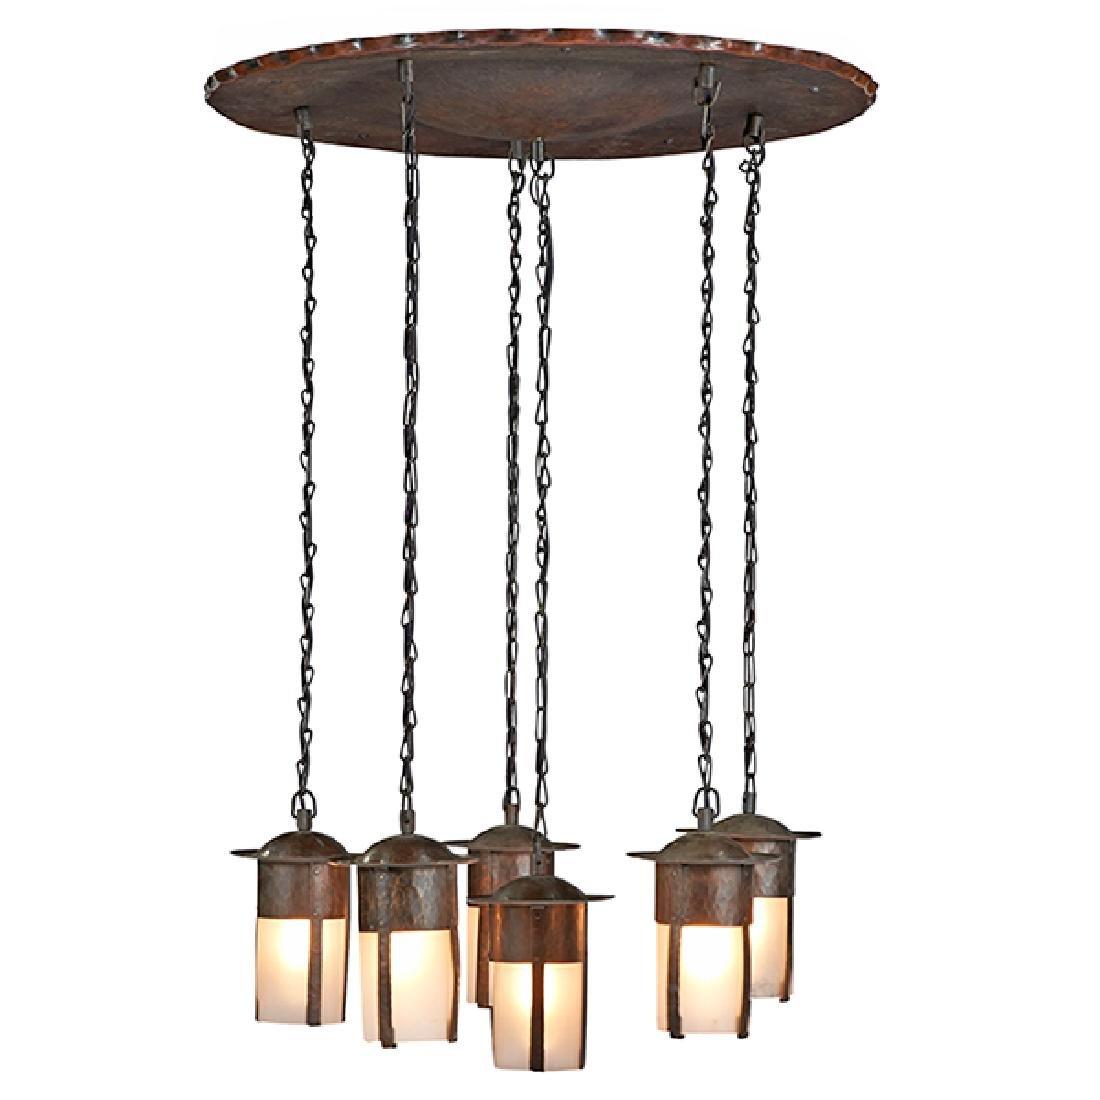 L & JG Stickley six-light hanging light fixture /